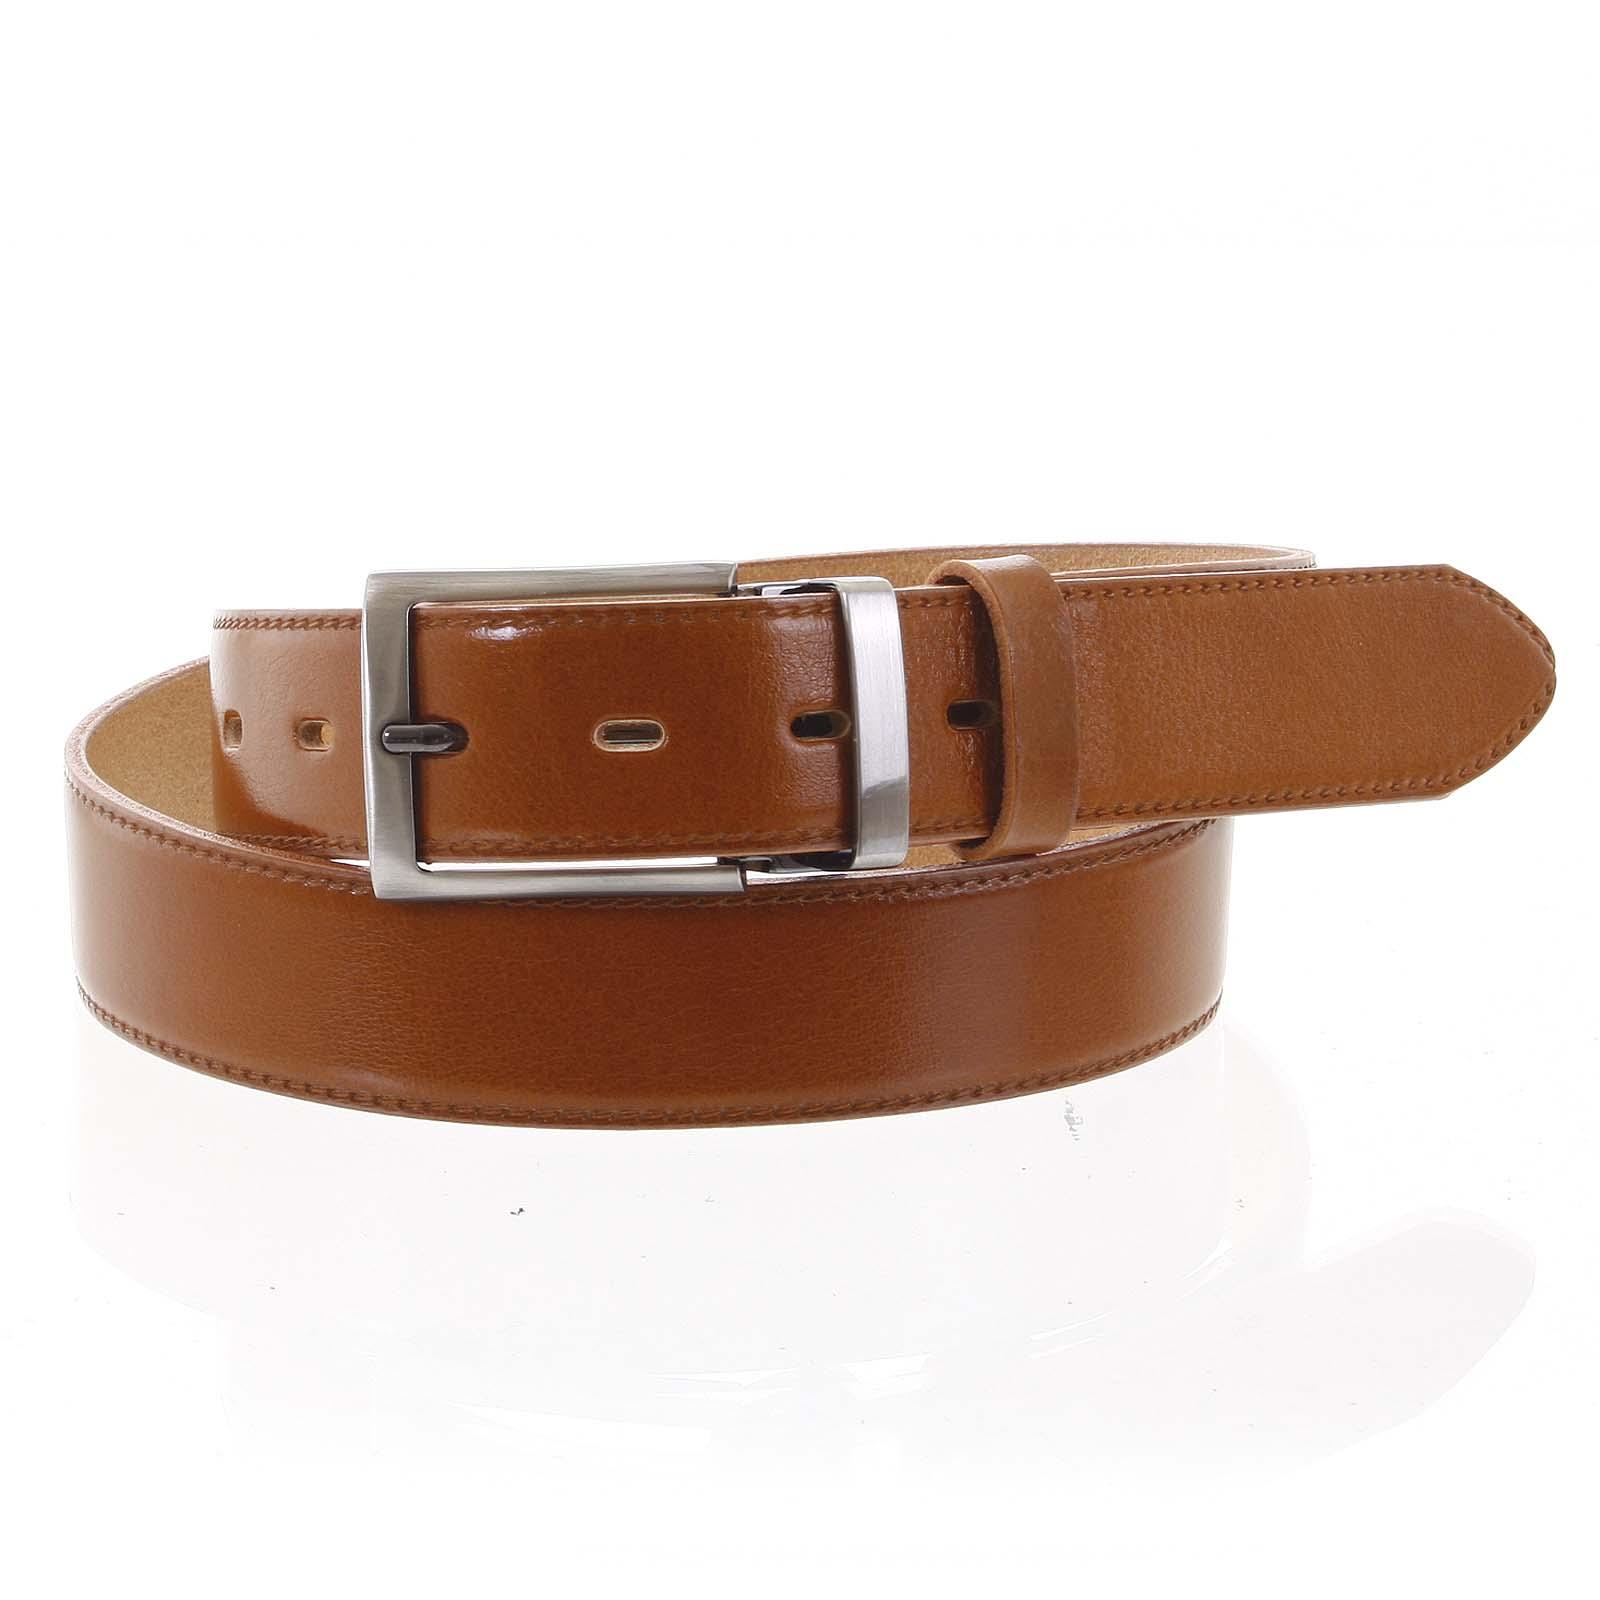 Pánsky kožený opasok oblekový koňak - PB Reph 95